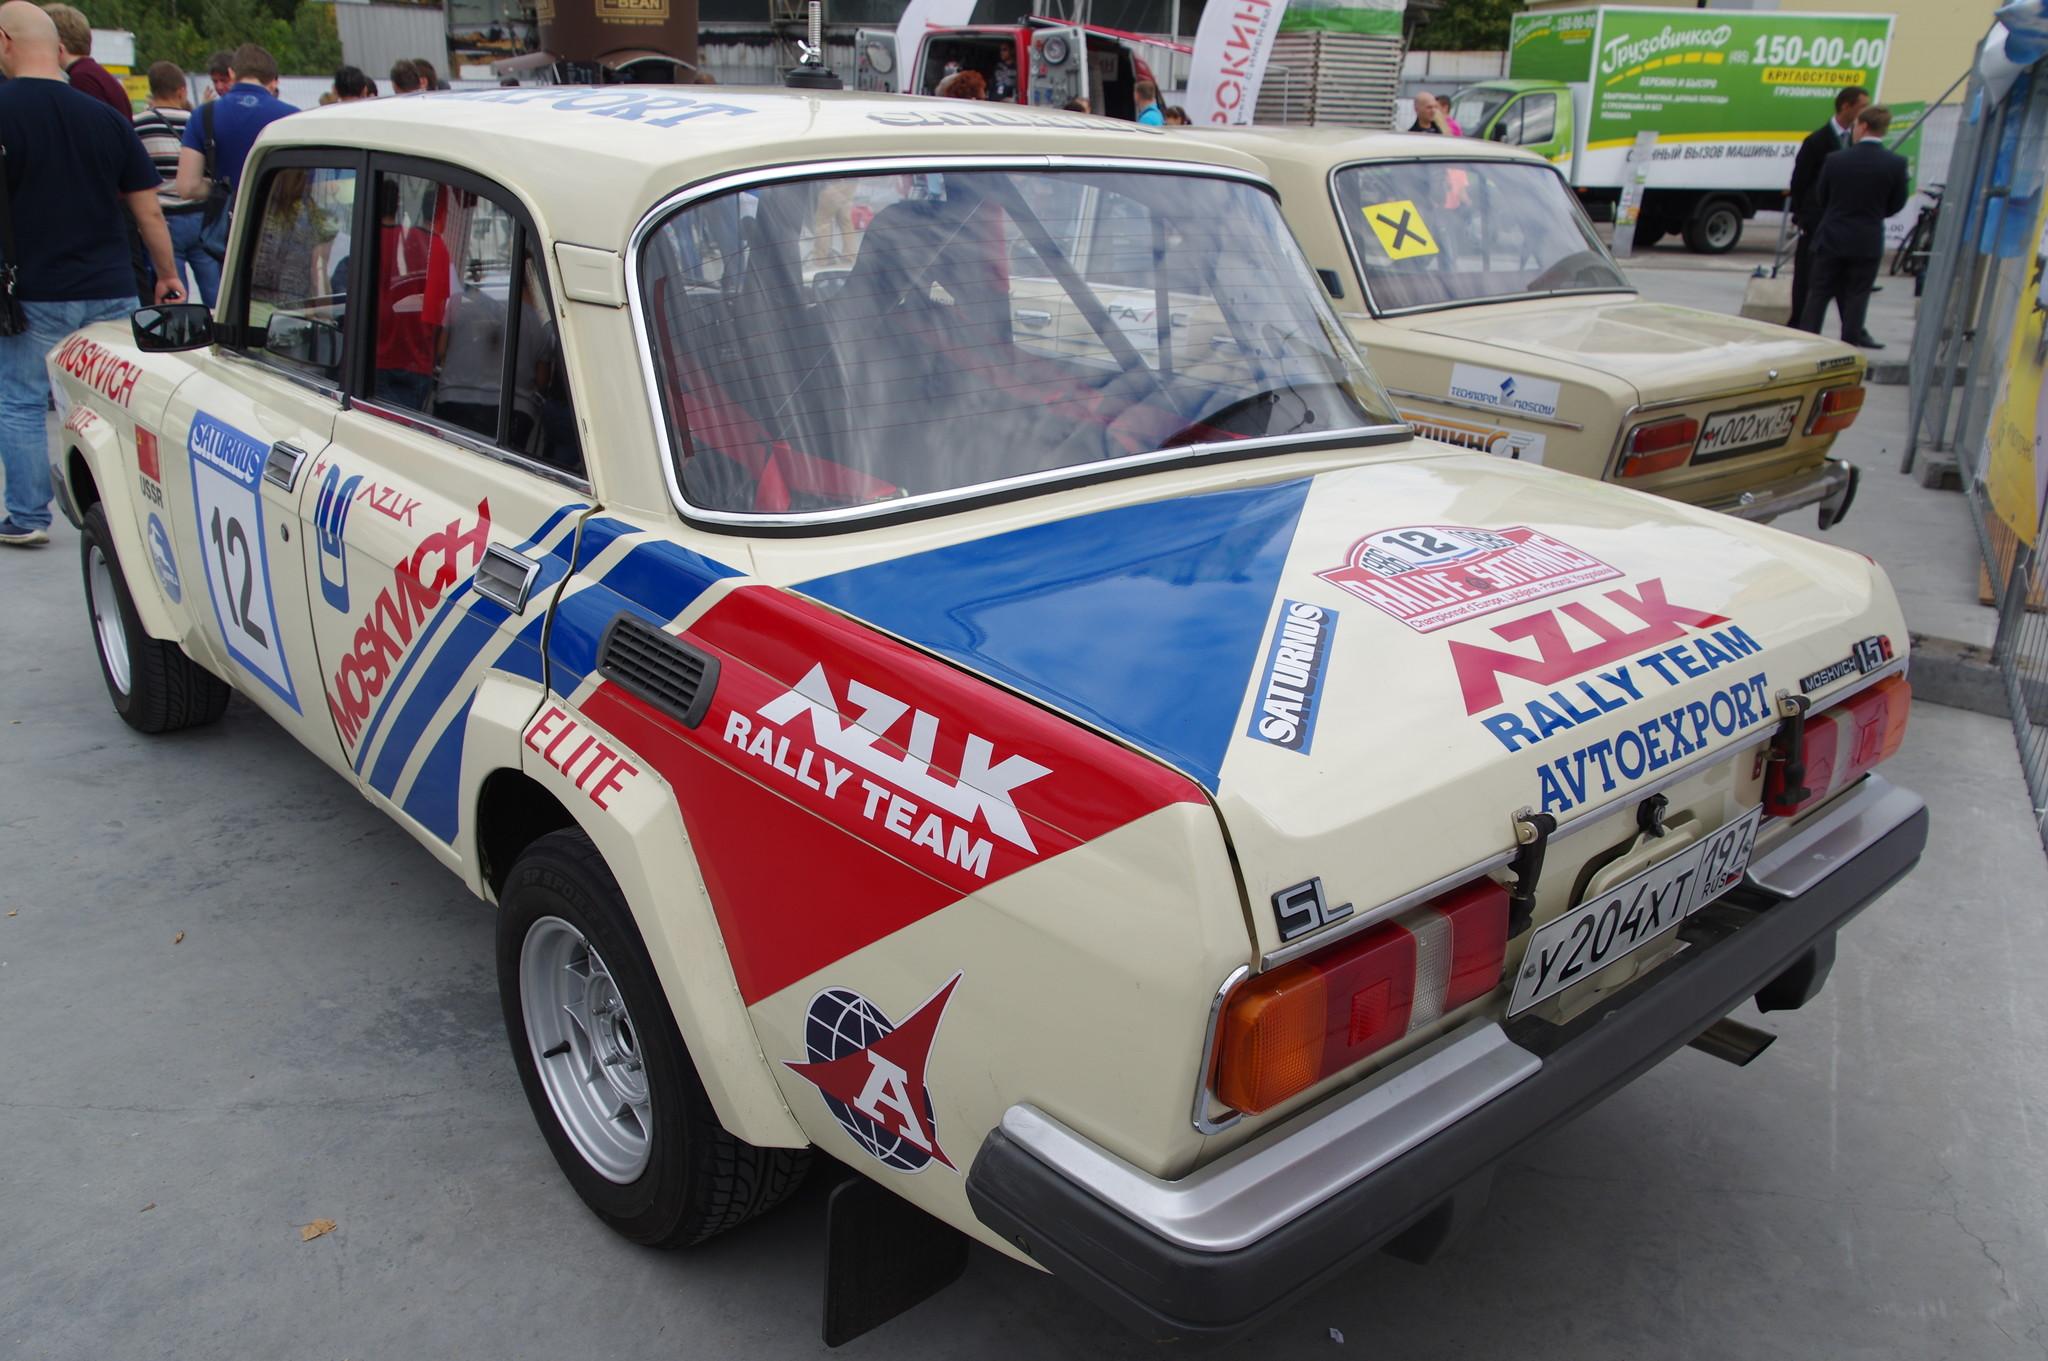 Автомобиль AZLK 1600 SL RALLYE номер 12 на югославском ралли «Сатурнус» в 1986 году